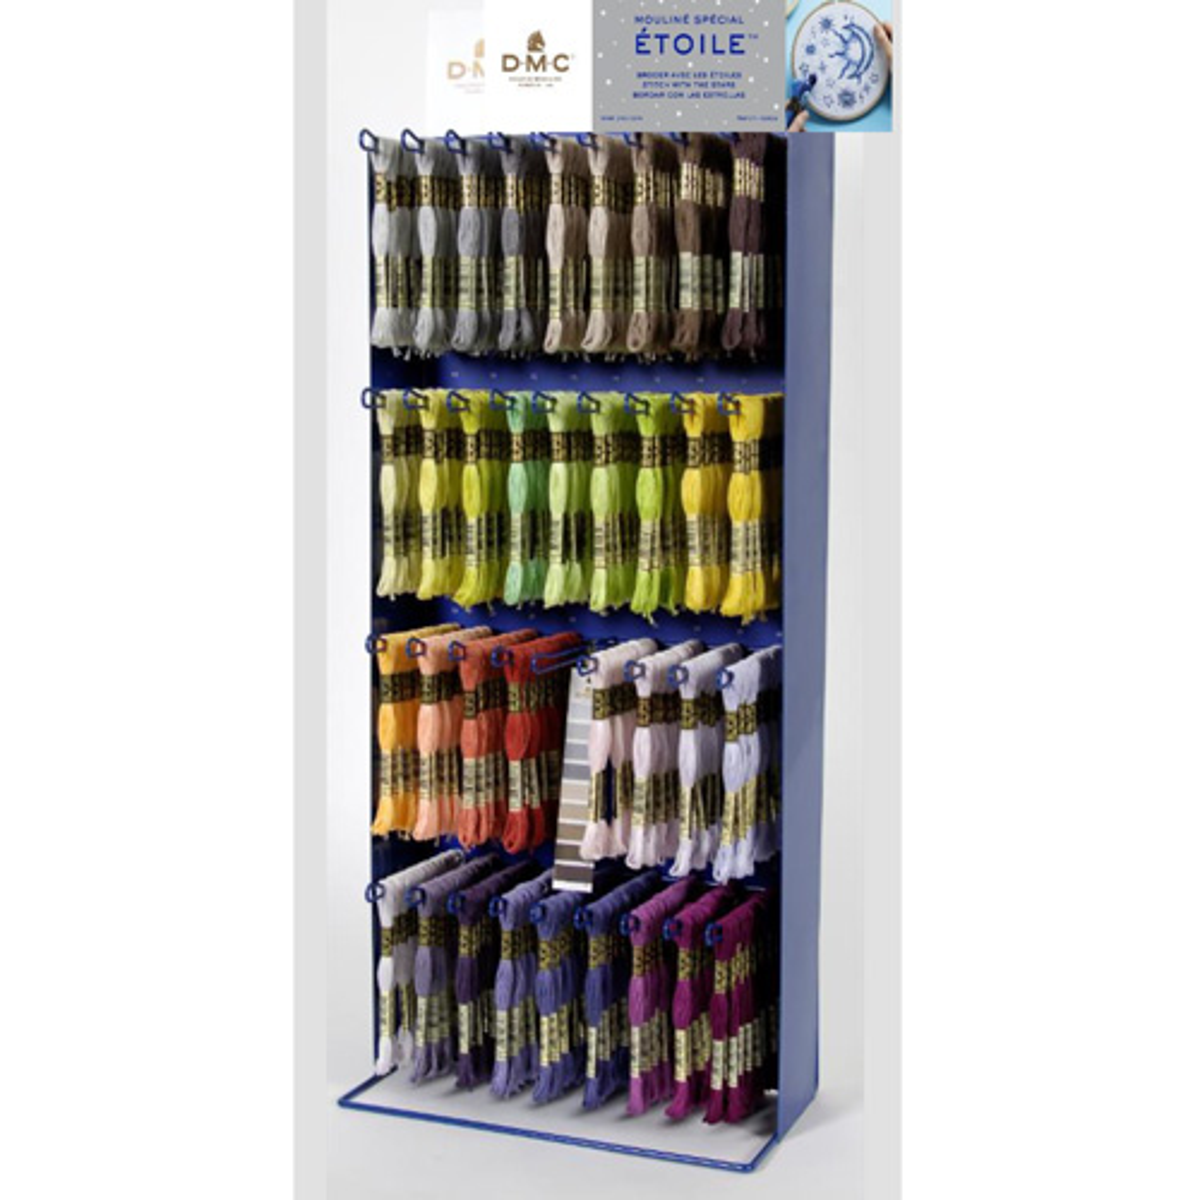 DMC Etoile Комплект ниток для вышивания (мулине с люрексом 617), 35 цветов + дисплей.